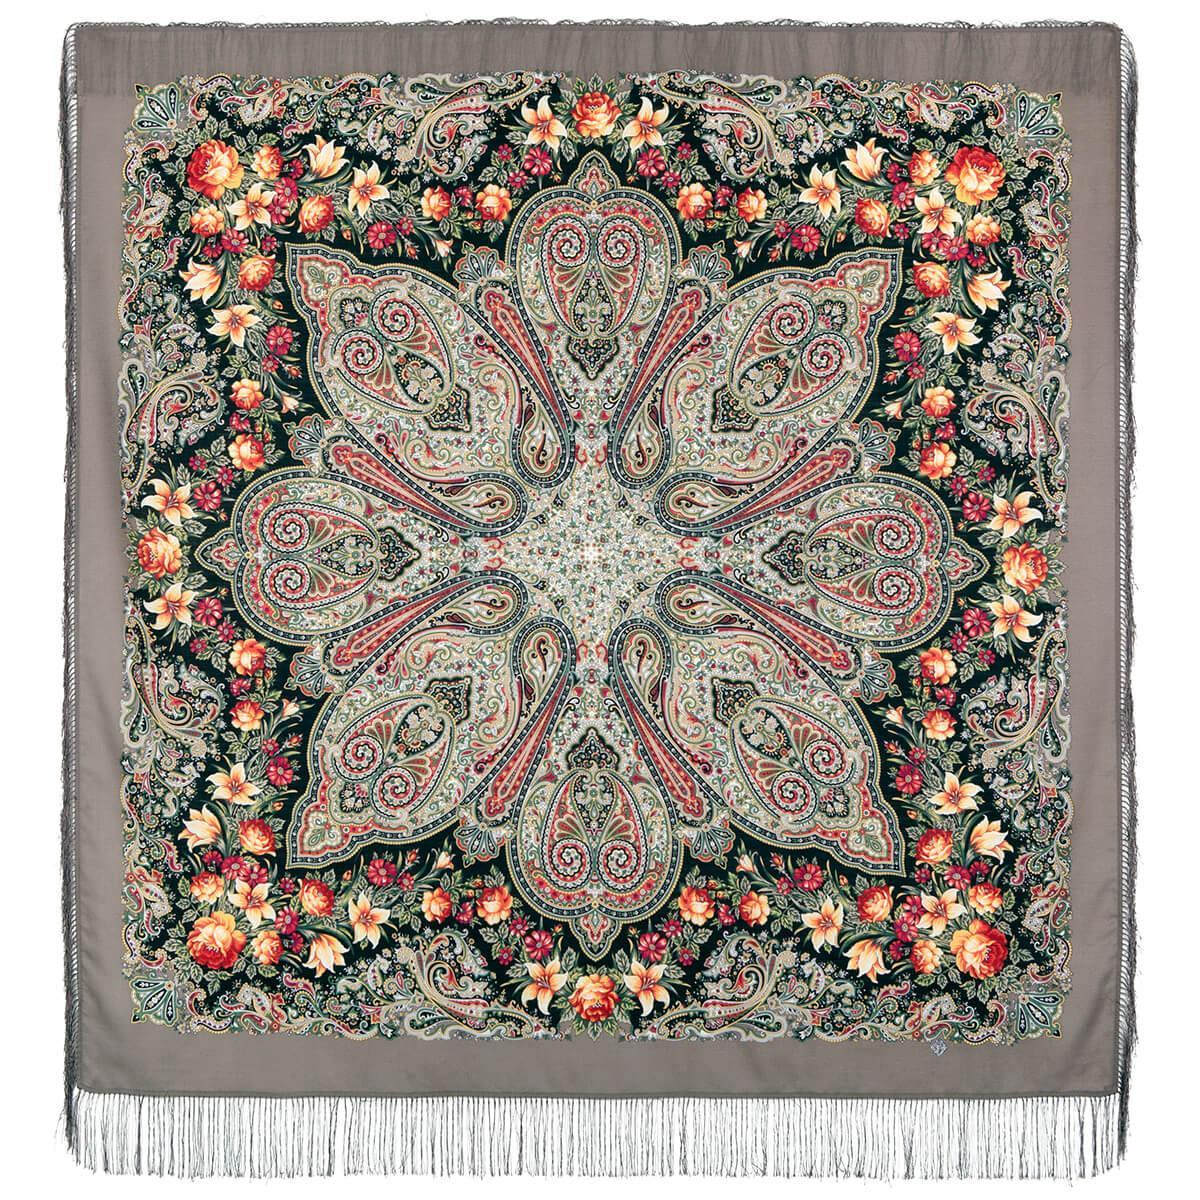 Павлопосадский платок Цветочный калейдоскоп 1789-9 (146х146 см)